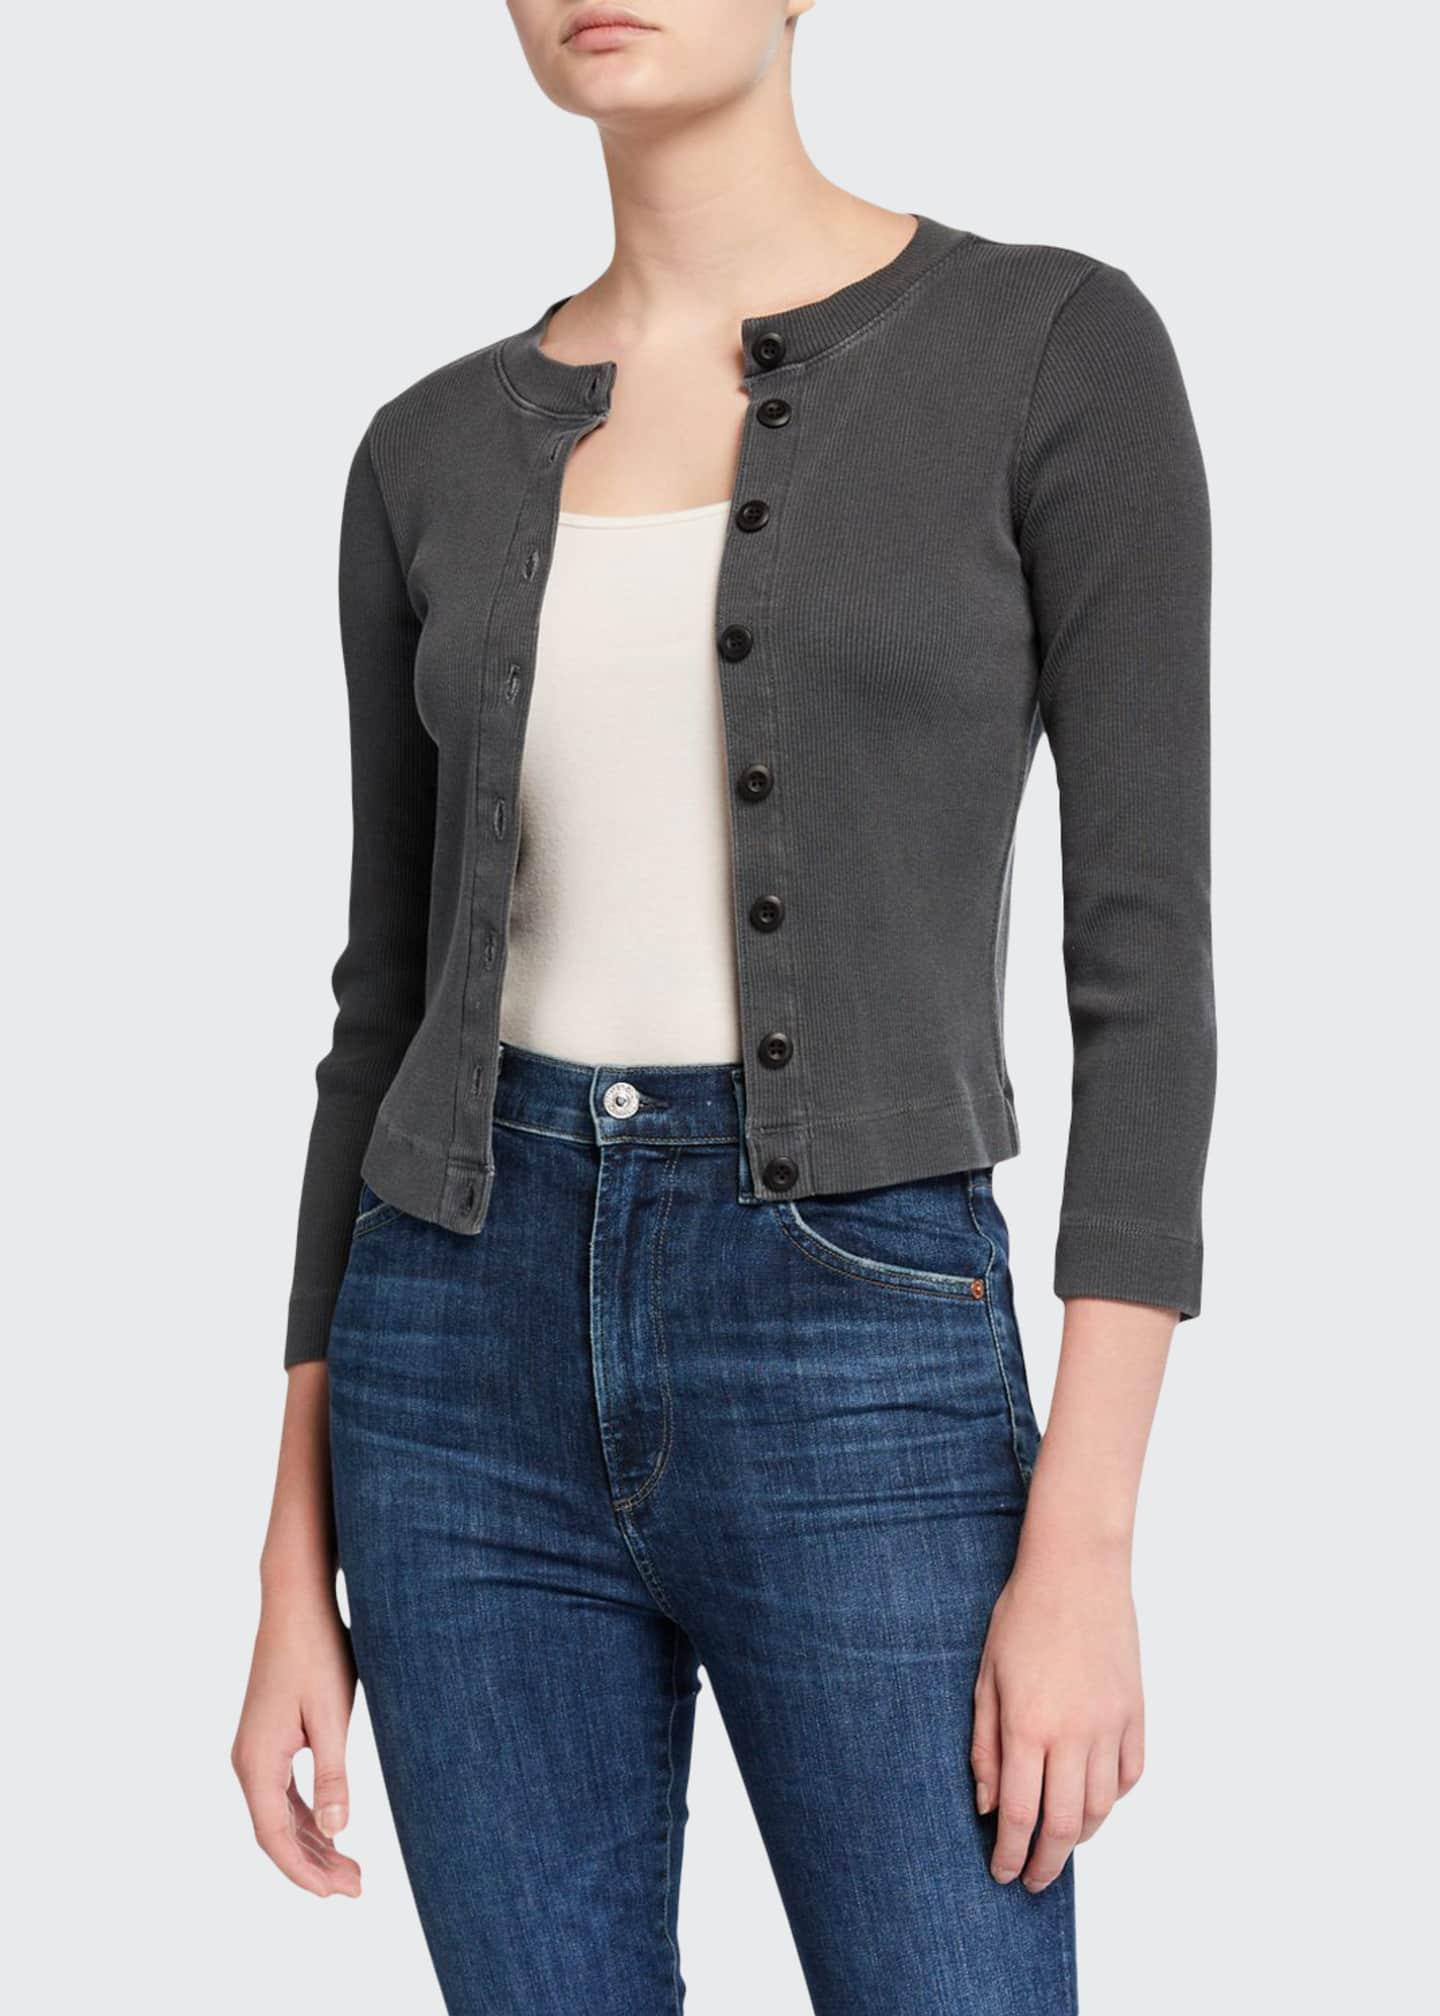 AMO Denim Button-Front 3/4-Sleeve Rib Cardigan